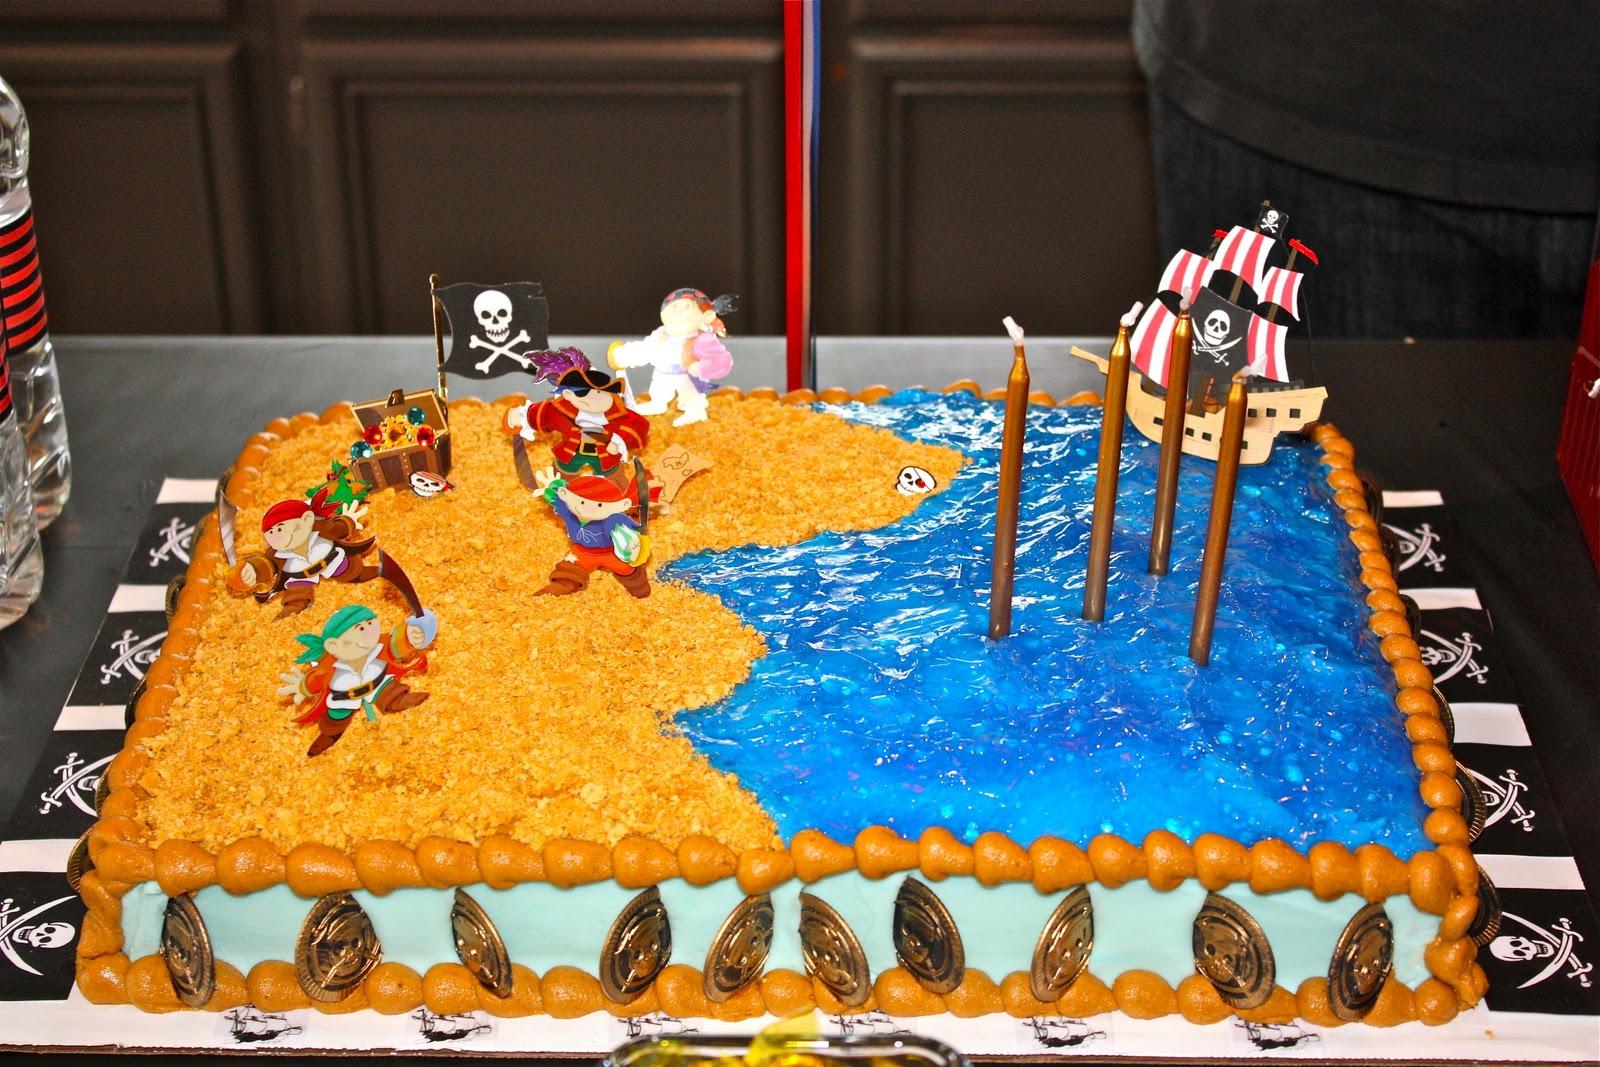 особенностей фото торта на пиратскую вечеринку кукла имеет